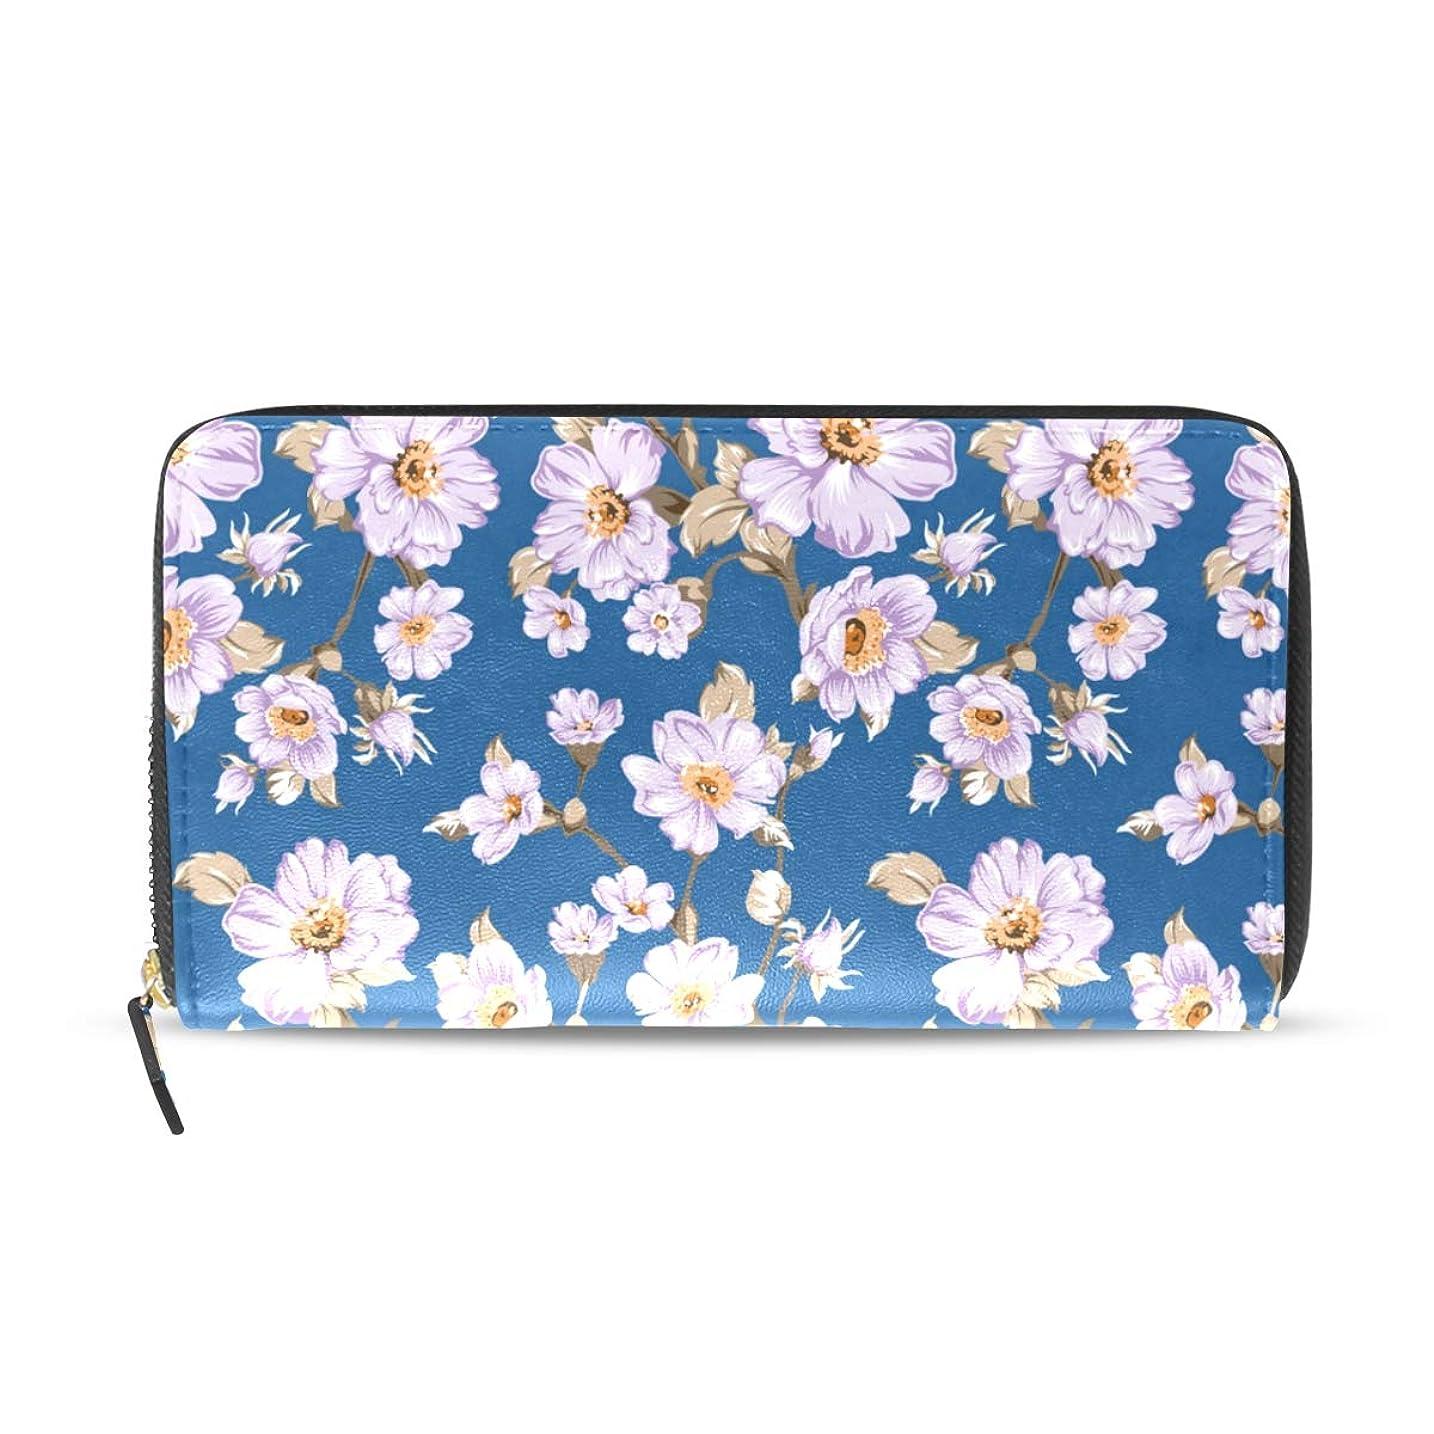 マイコンかかわらず住居旅立の店 長財布 人気 レディース メンズ 大容量多機能 二つ折り ラウンドファスナー PUレザー さくら 桜の花 青い ウォレット ブラック